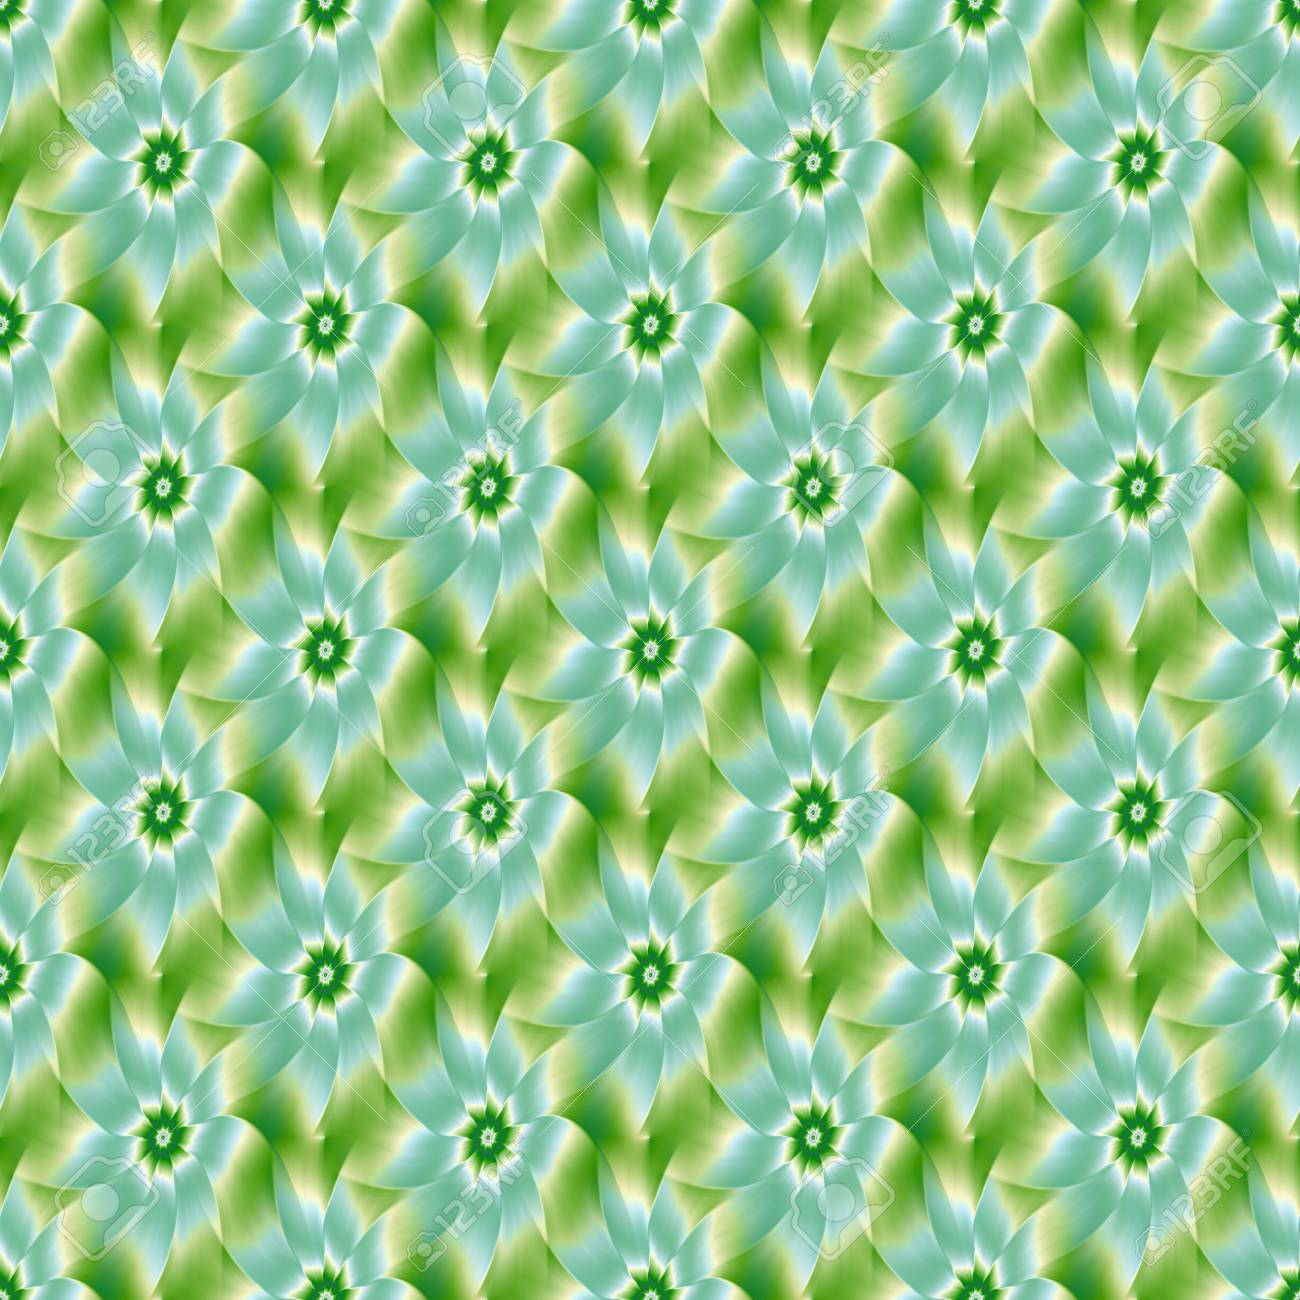 Un résumé fractal image numérique avec une conception de fleur en faïence  bleu pâle, vert et blanc.